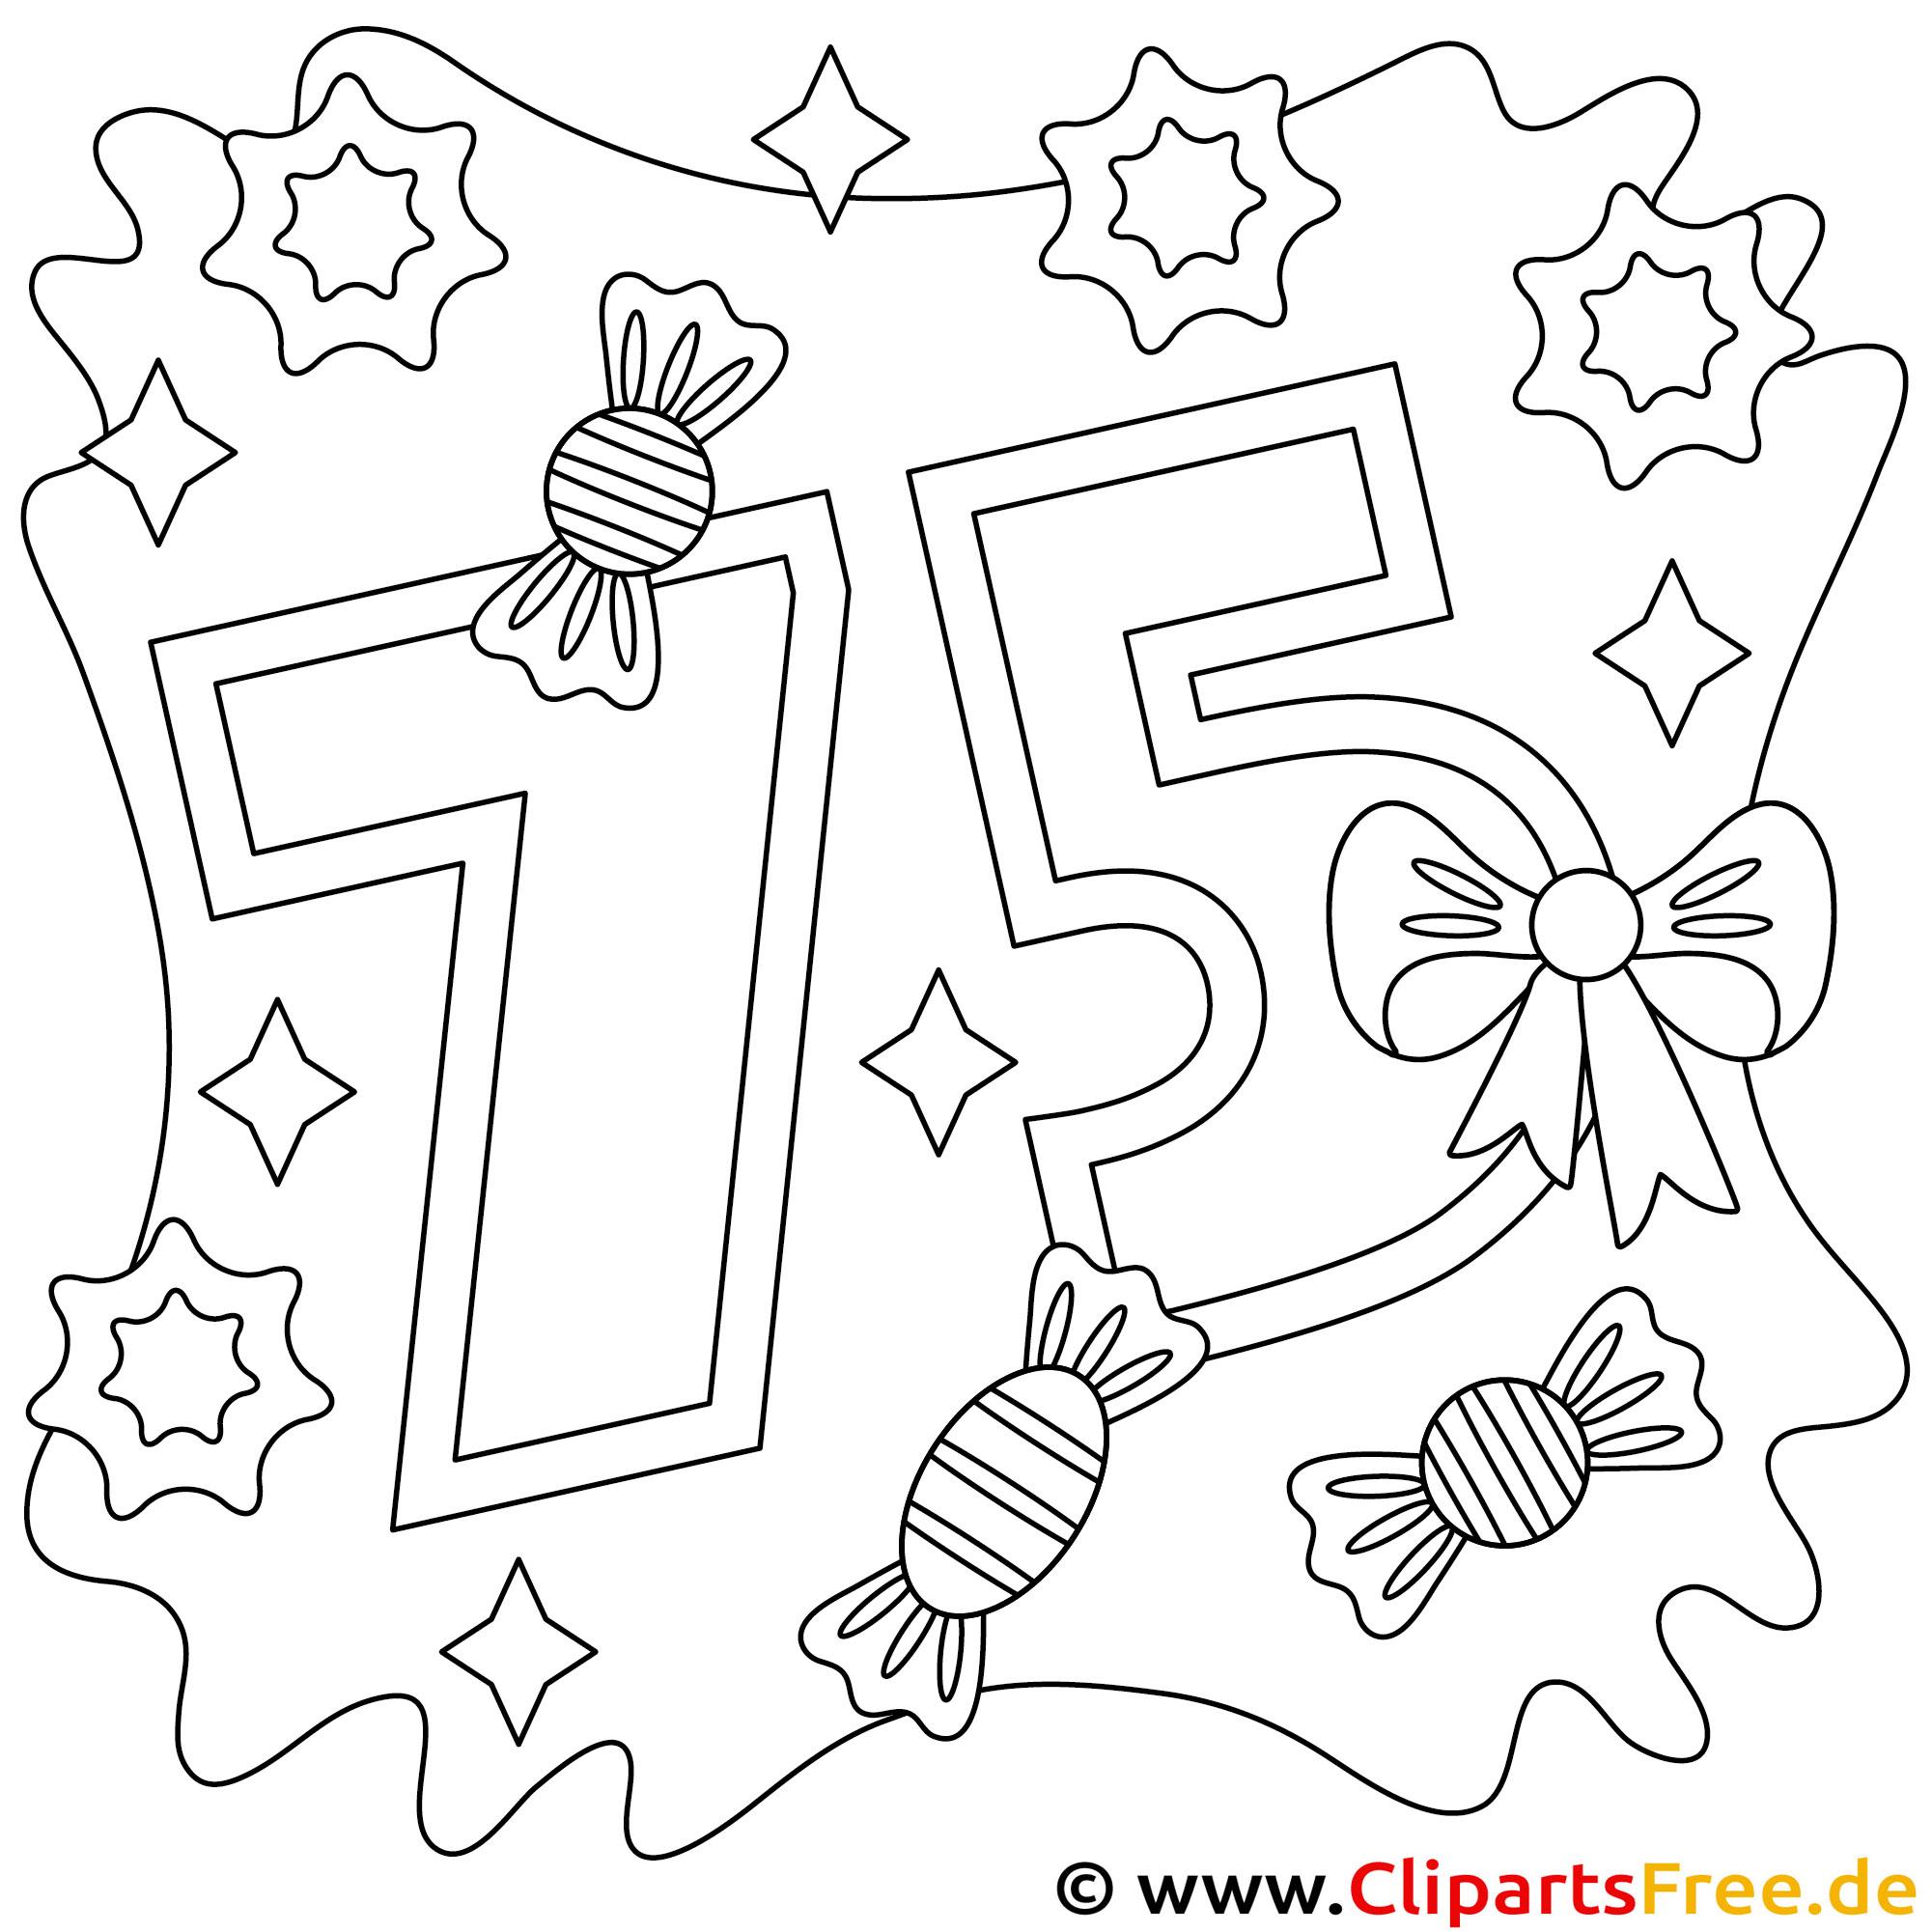 Malvorlage zum 75. Geburtstag